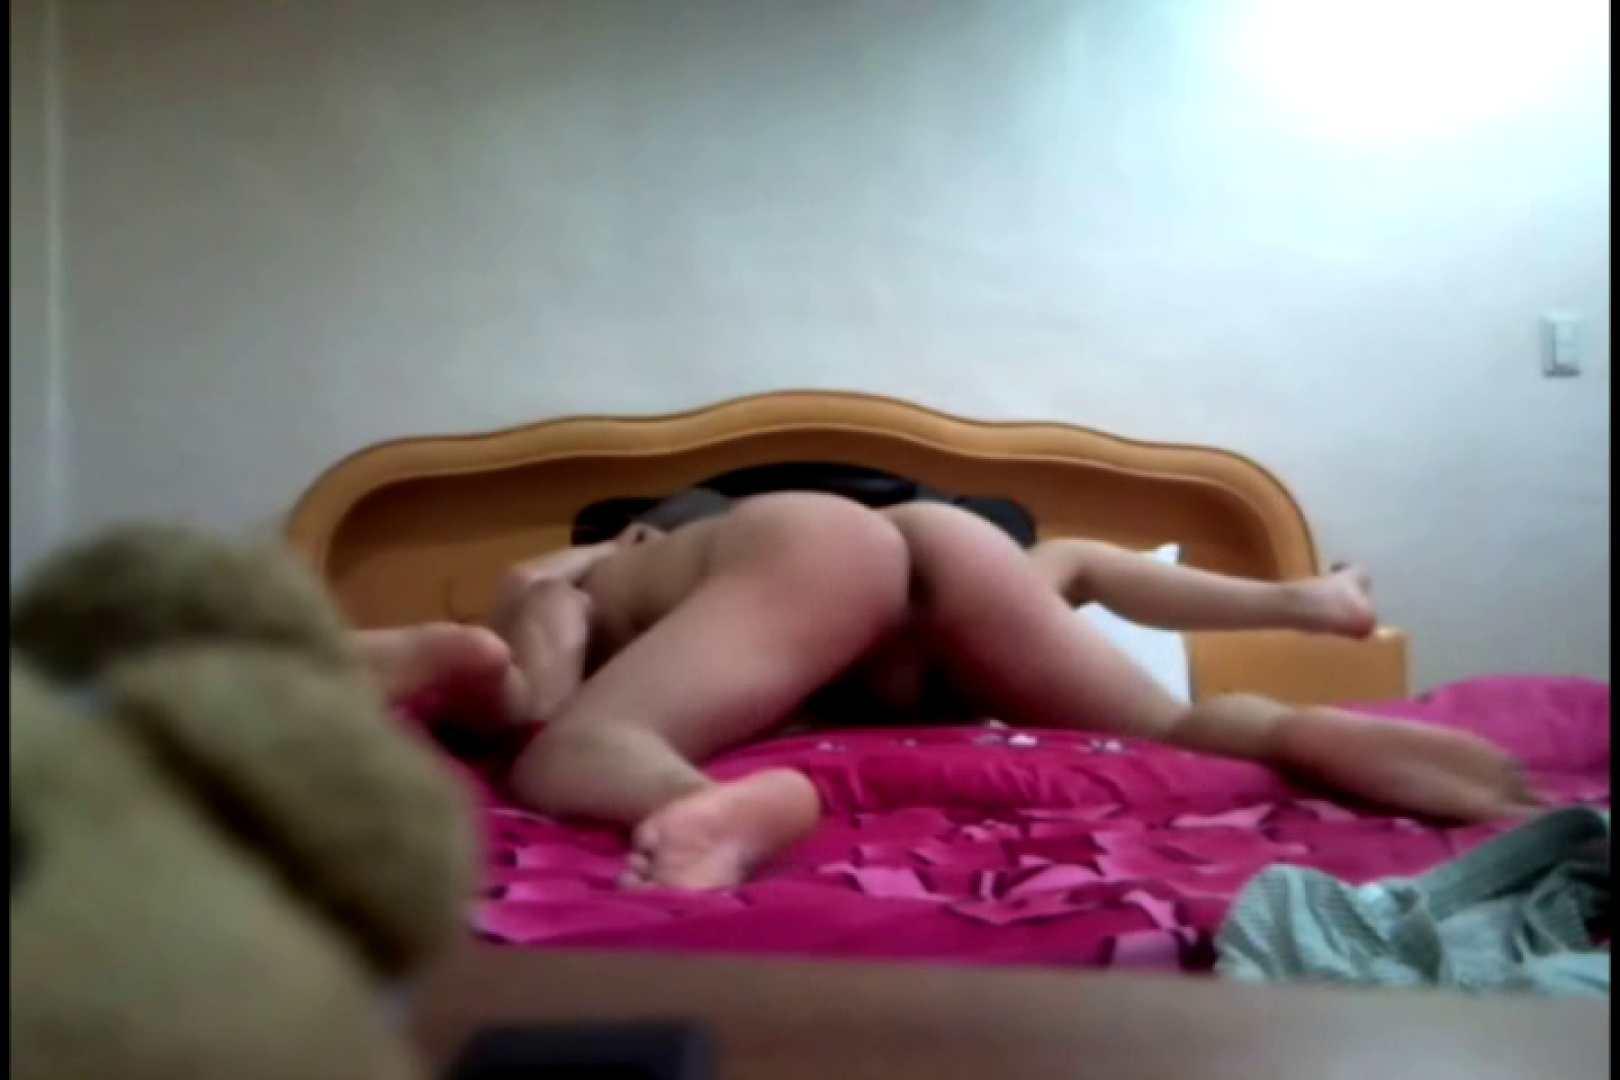 コリアン素人流出シリーズ ラブホテル隠し撮り ラブホテル  86pic 25